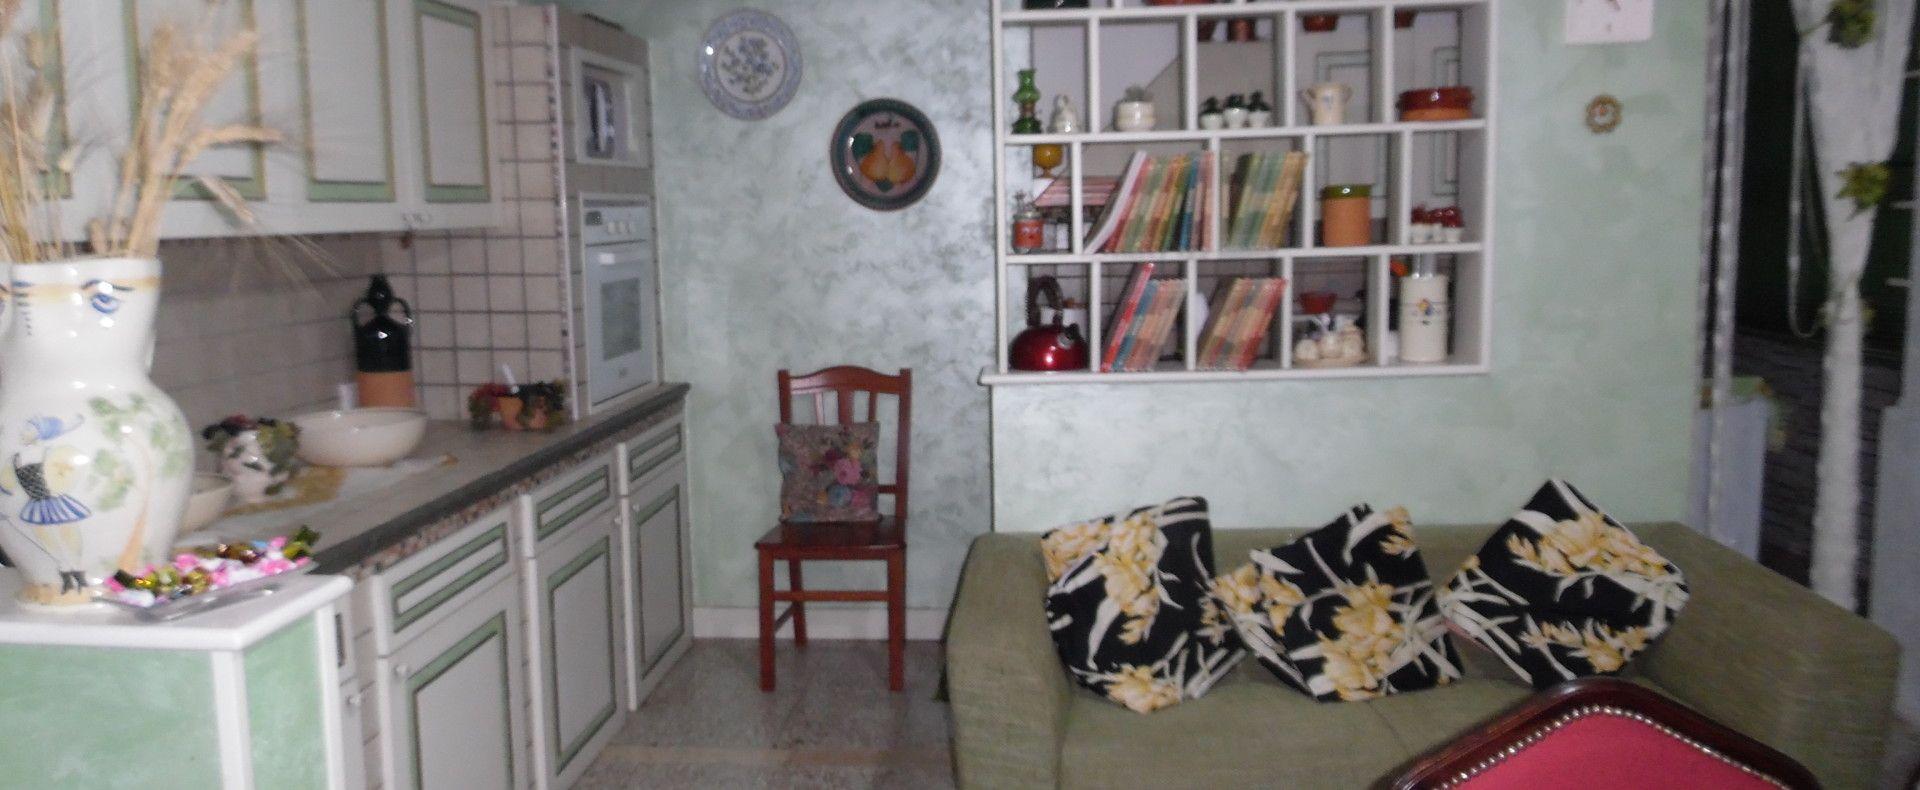 Appartamento via Giovanni XXIII Grottaglie